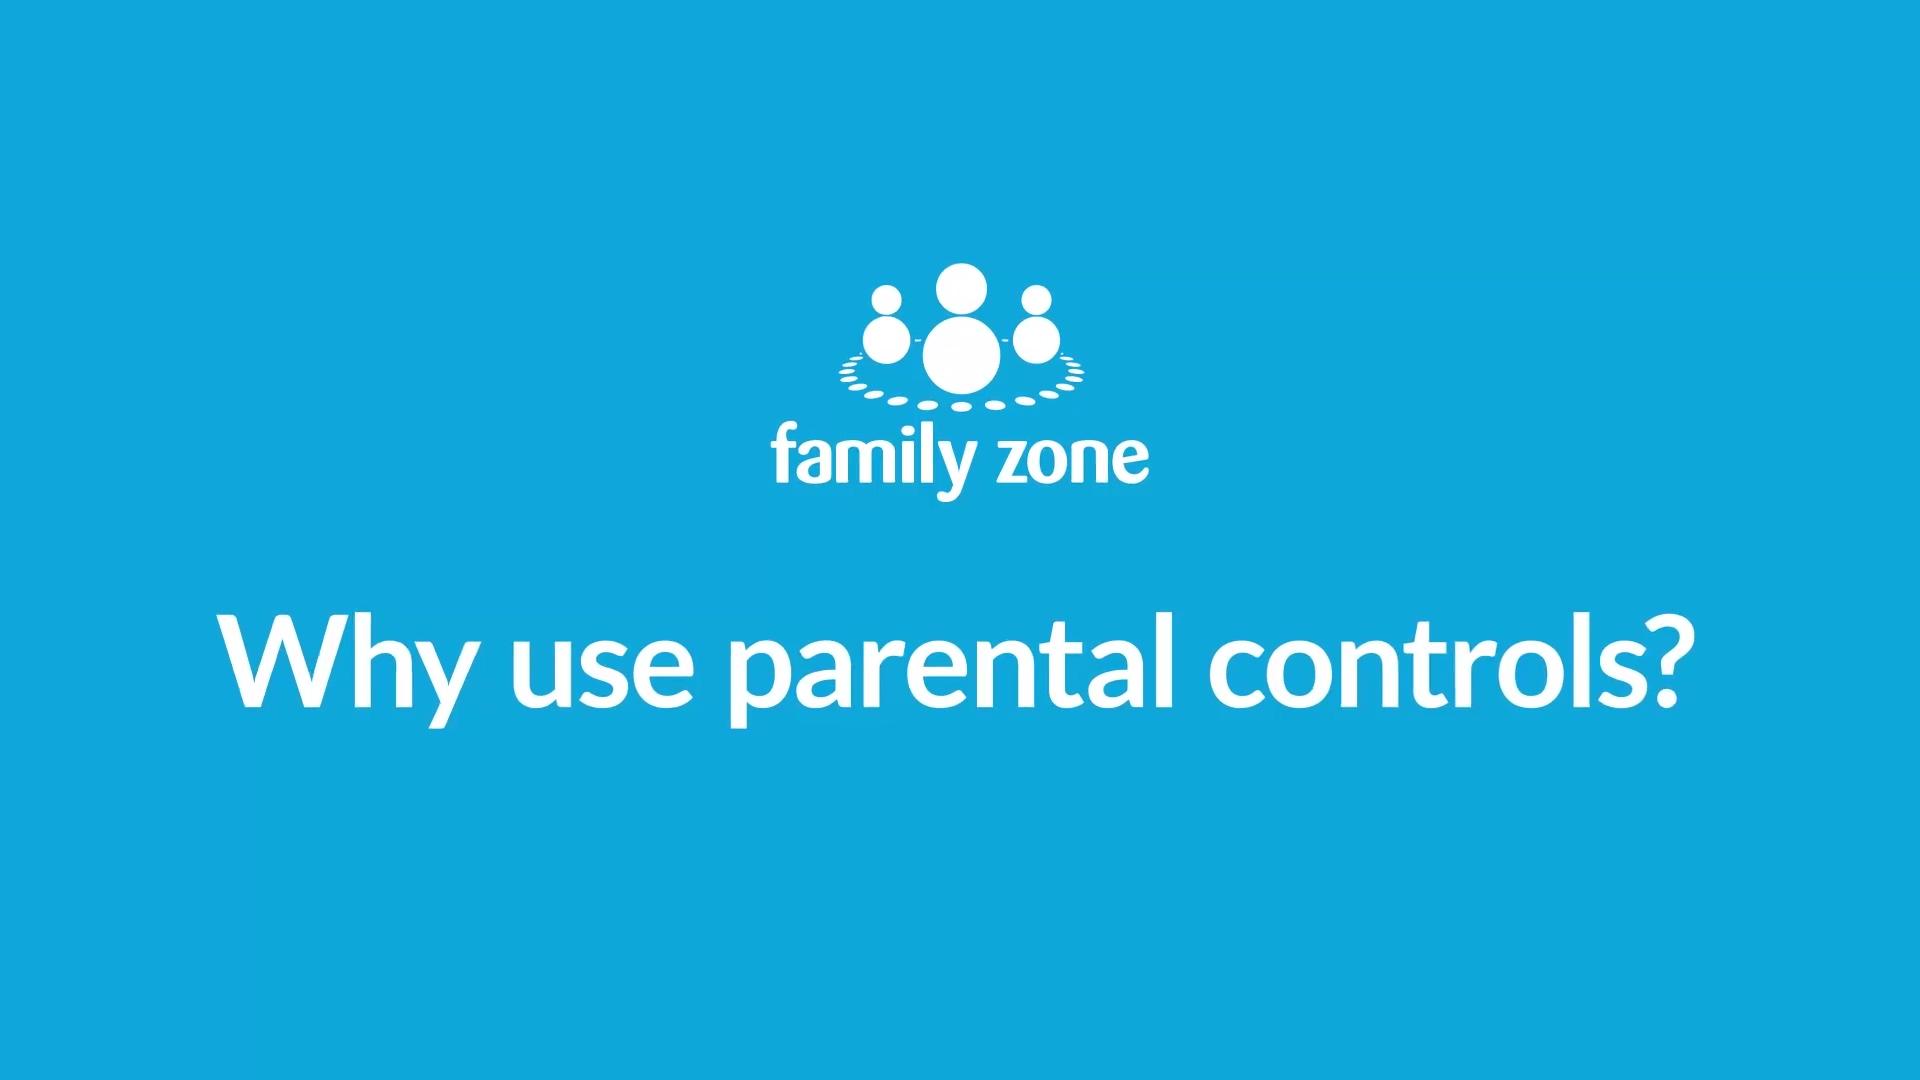 WHY_PARENTAL_CONTROLS_FZ_V1_1